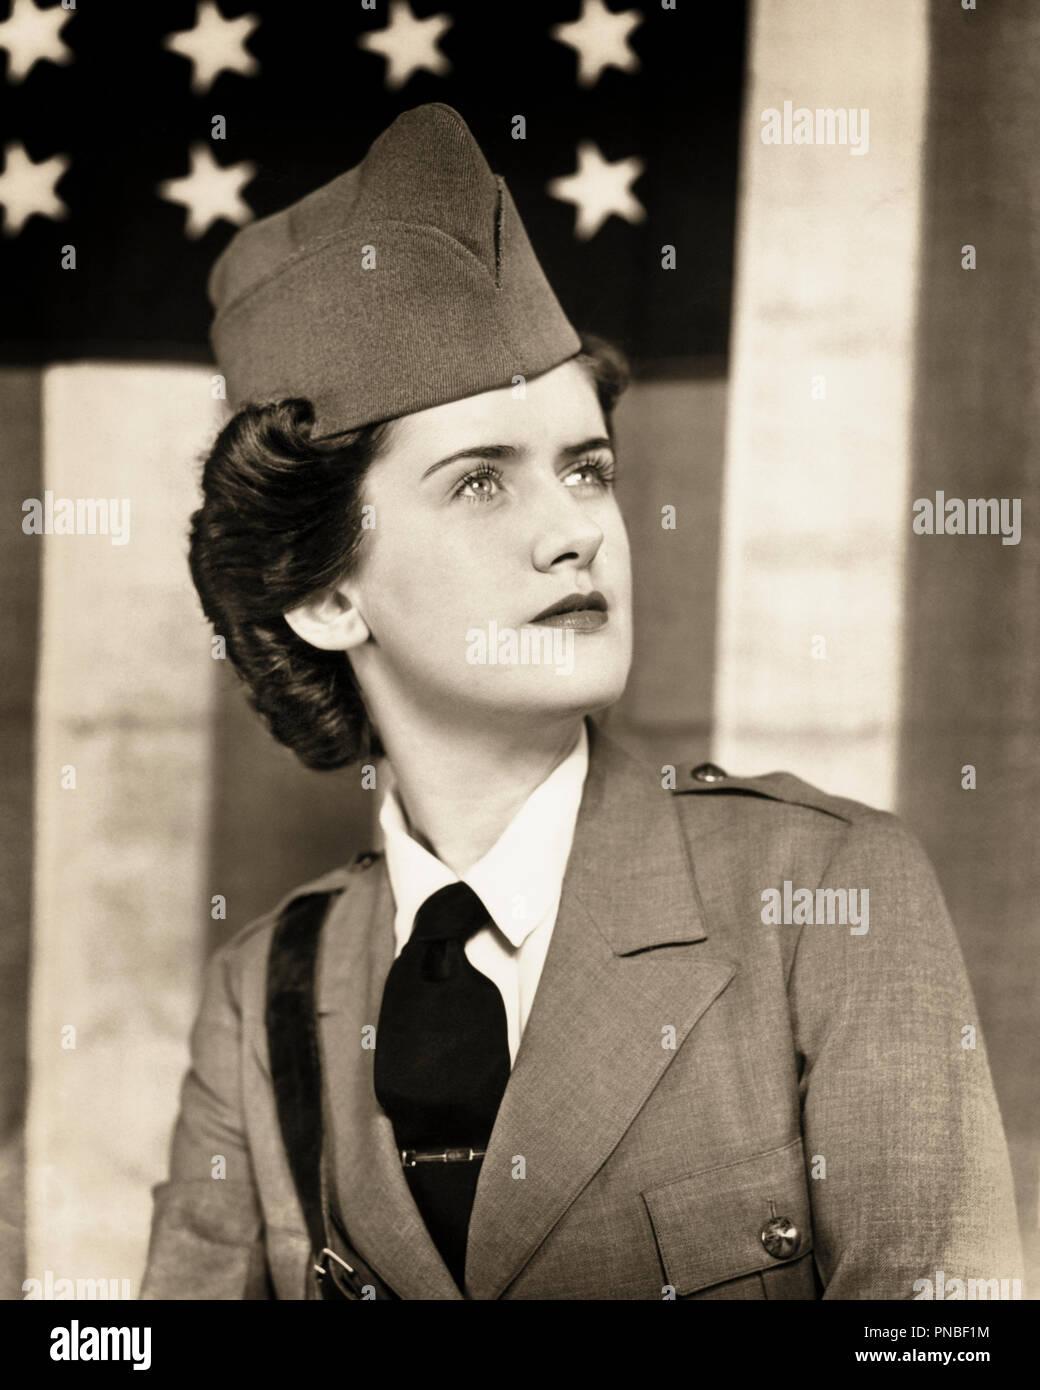 1e014e4100 Ww2 Uniform Women Stock Photos & Ww2 Uniform Women Stock Images - Alamy